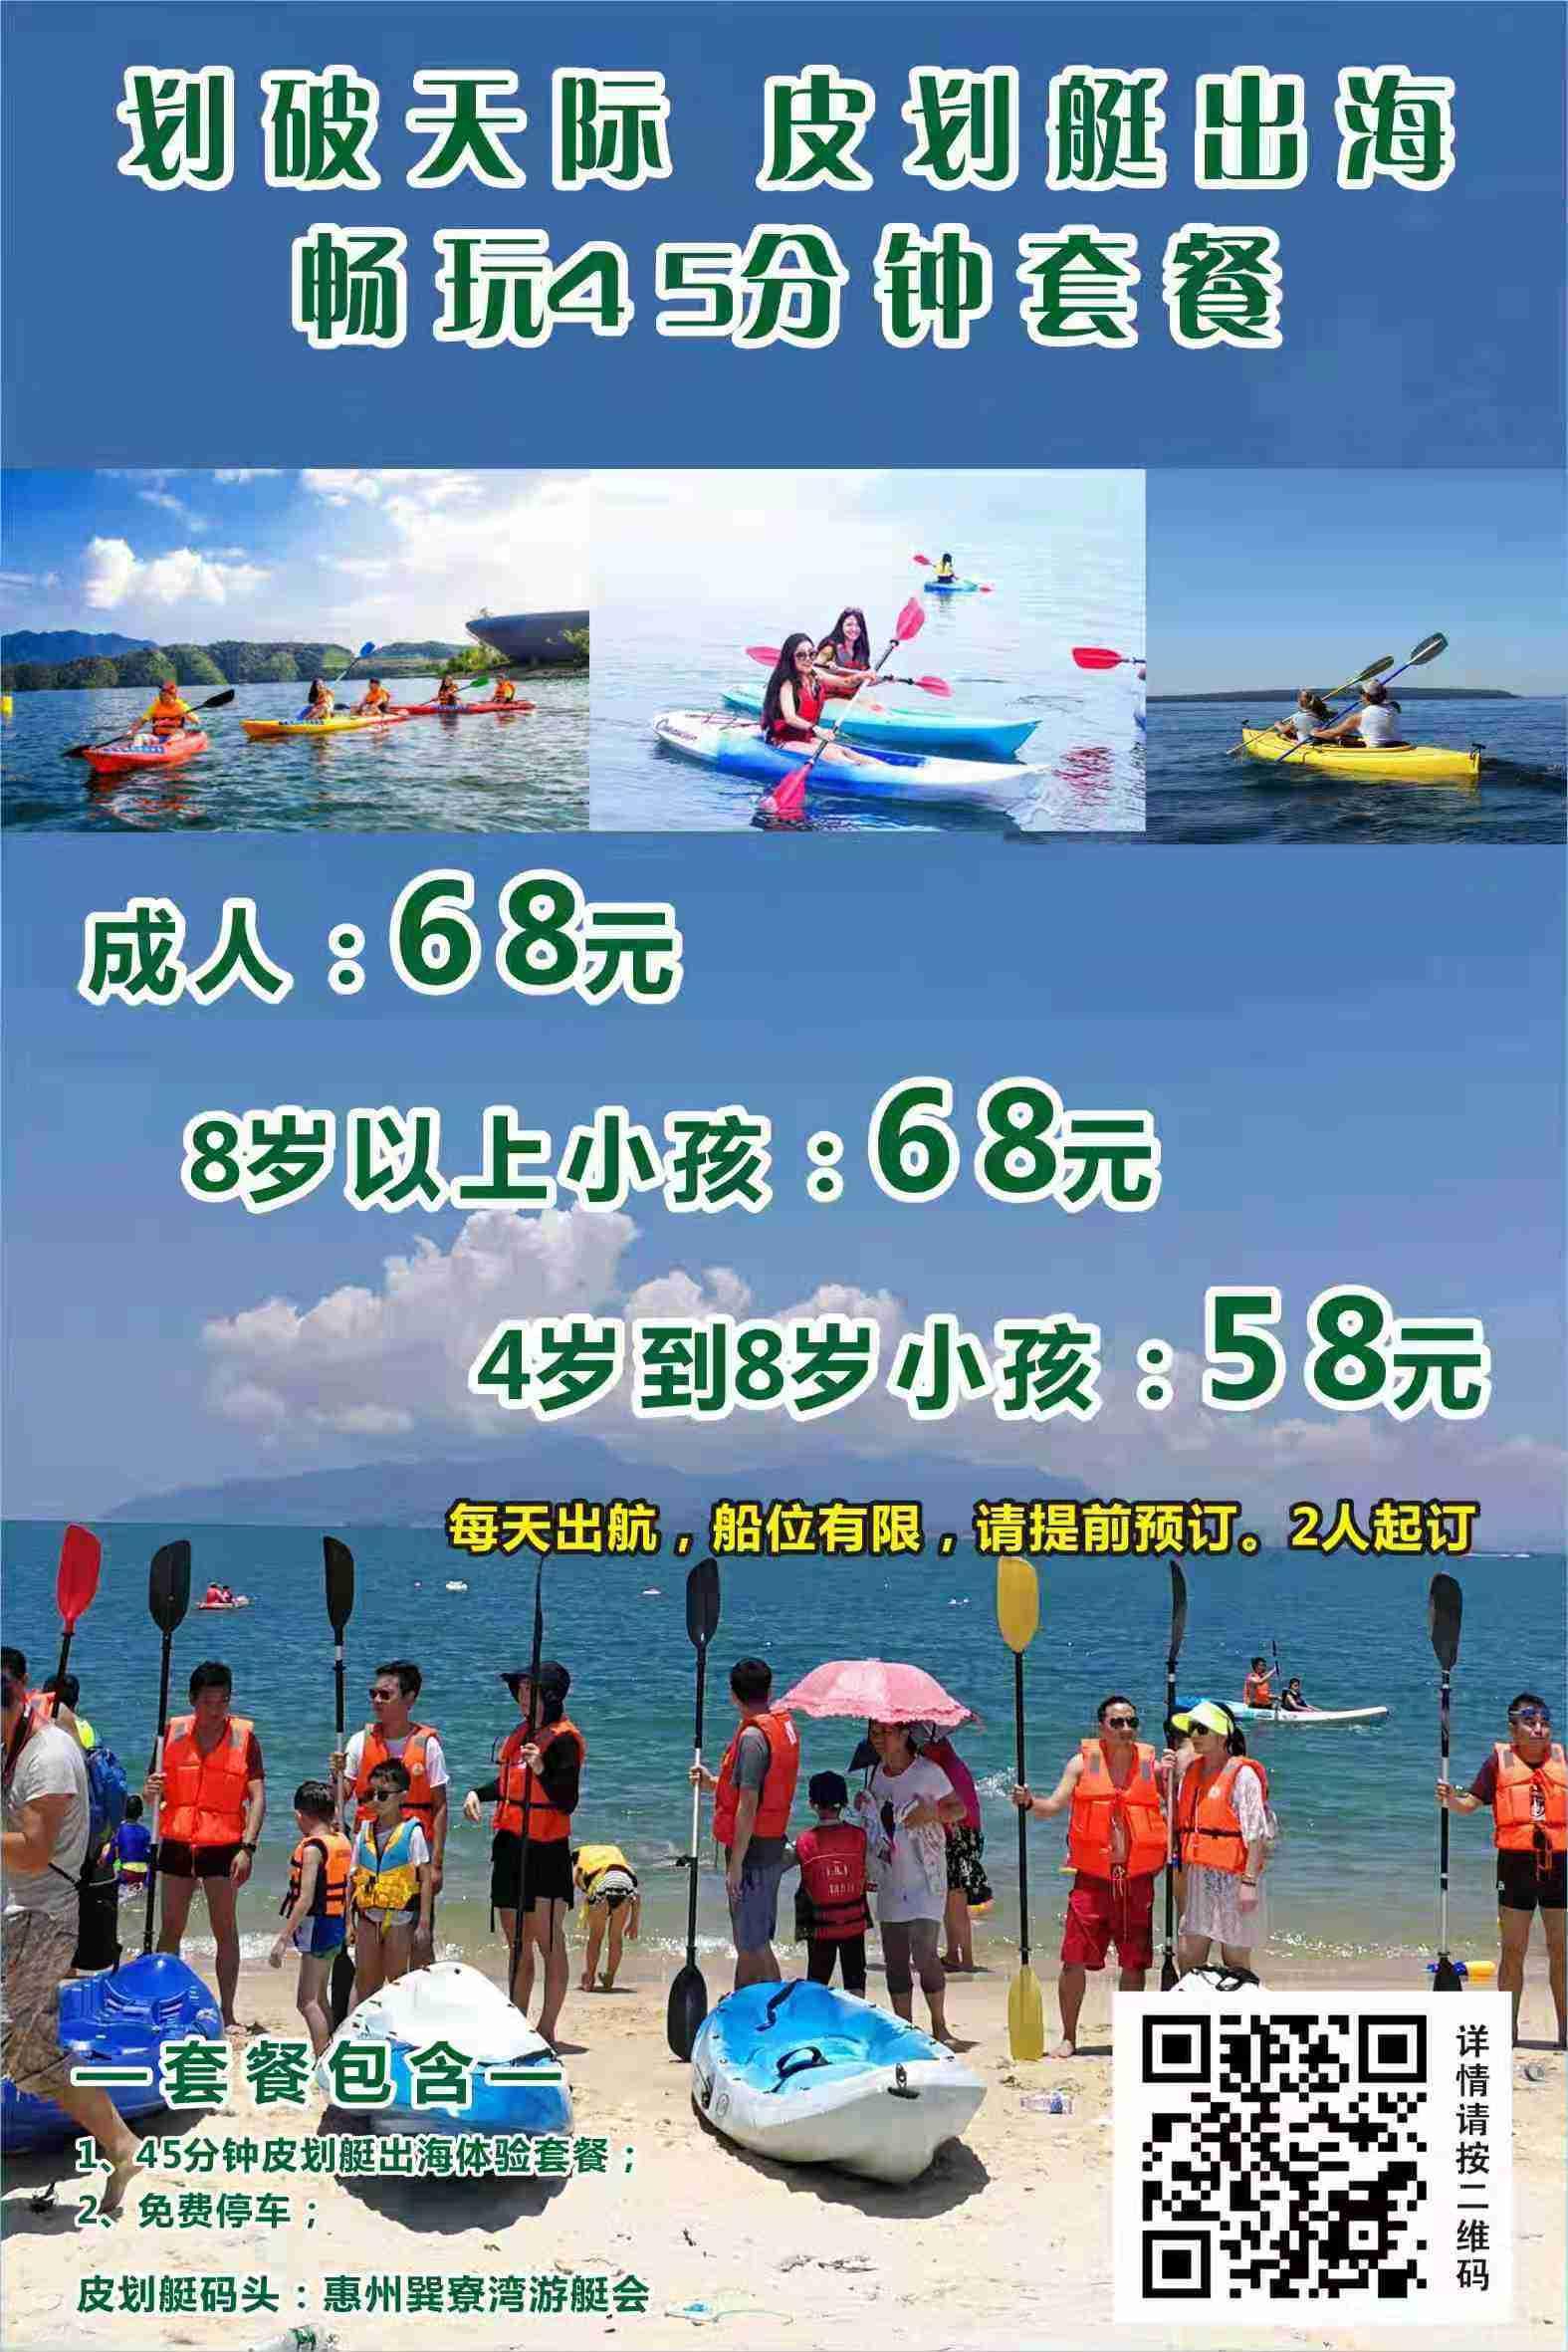 【高品质海上休闲之旅】巽寮湾皮划艇出海